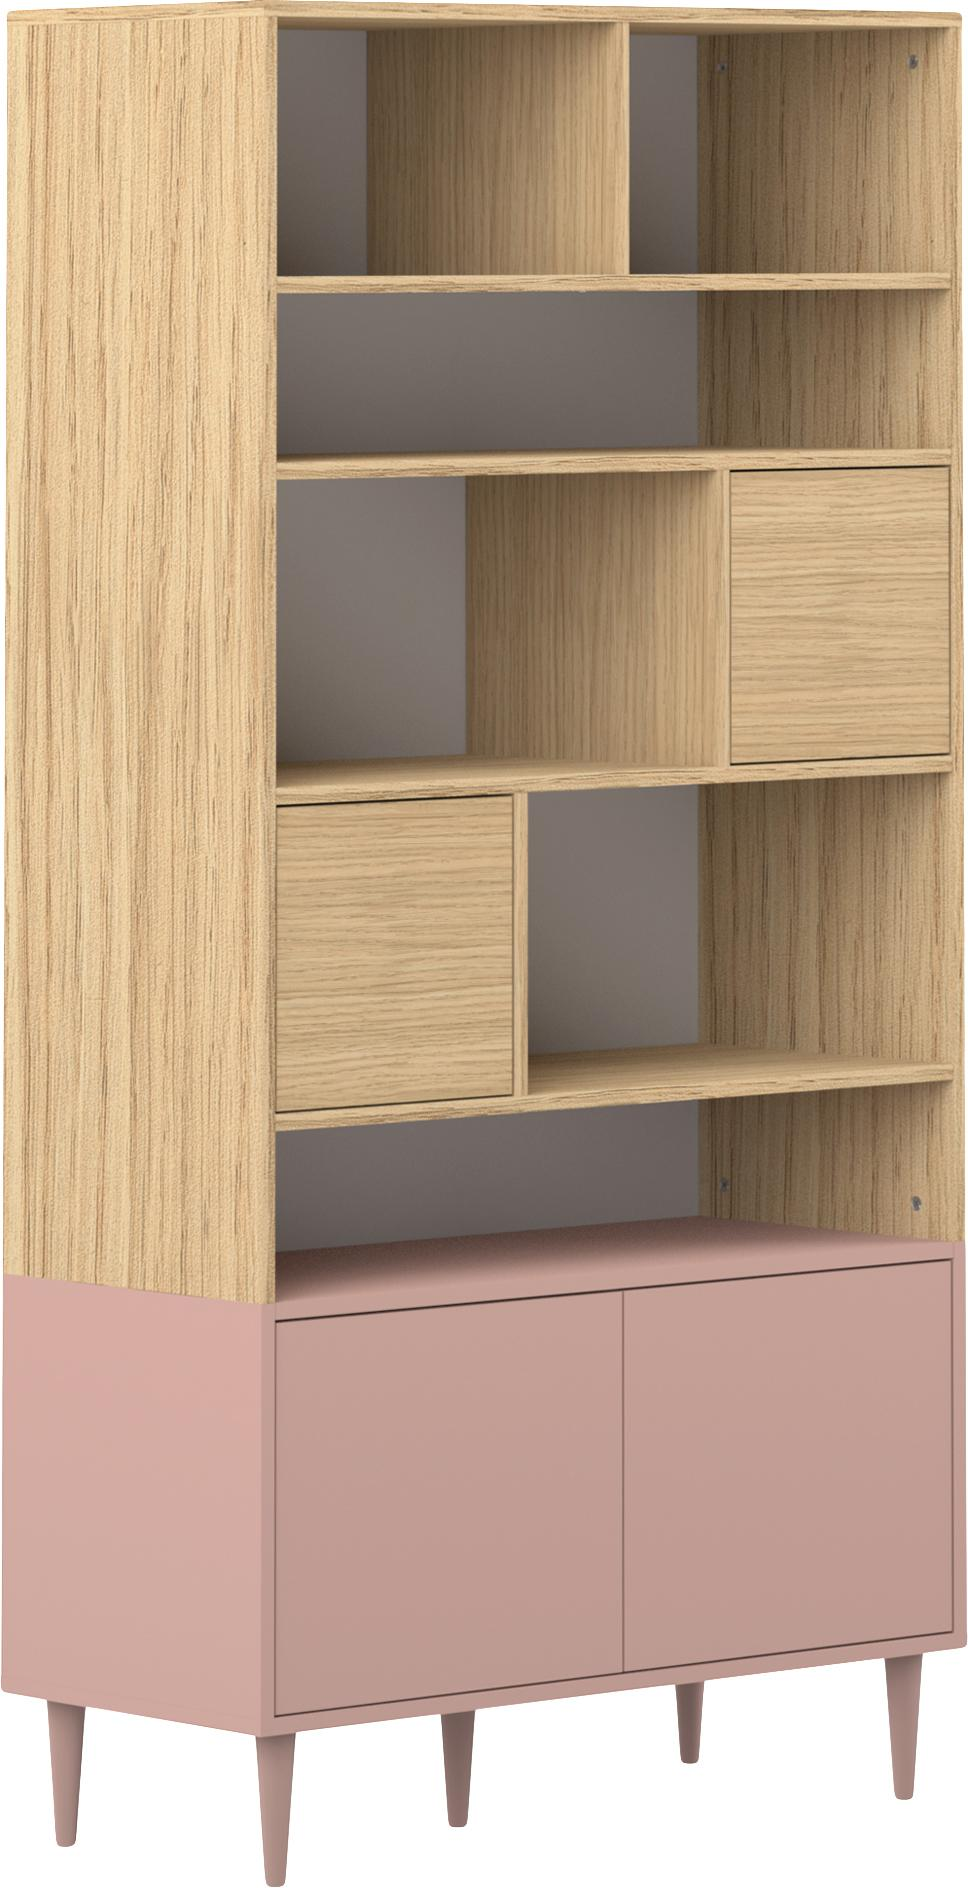 Regał scandi Horizon, Korpus: płyta wiórowa pokryta mel, Nogi: lite drewno bukowe, lakie, Drewno dębowe, brudny różowy, S 90 x W 180 cm